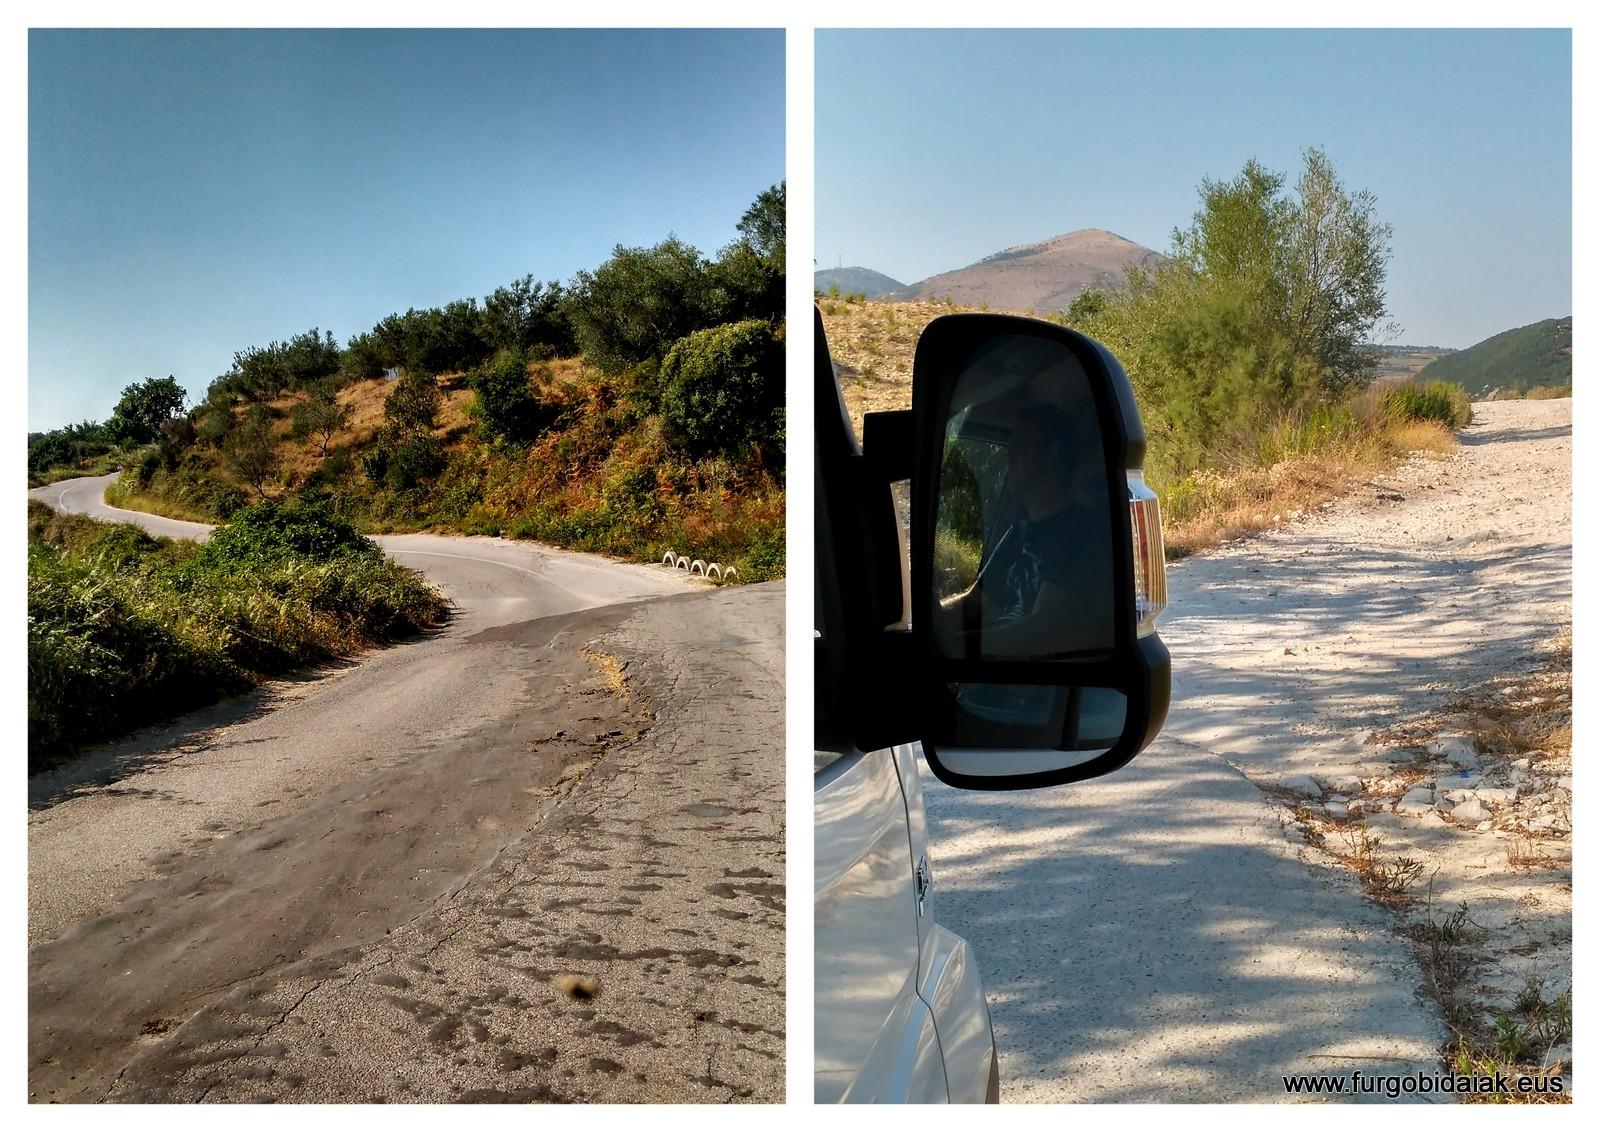 Viaje por Albania en camper